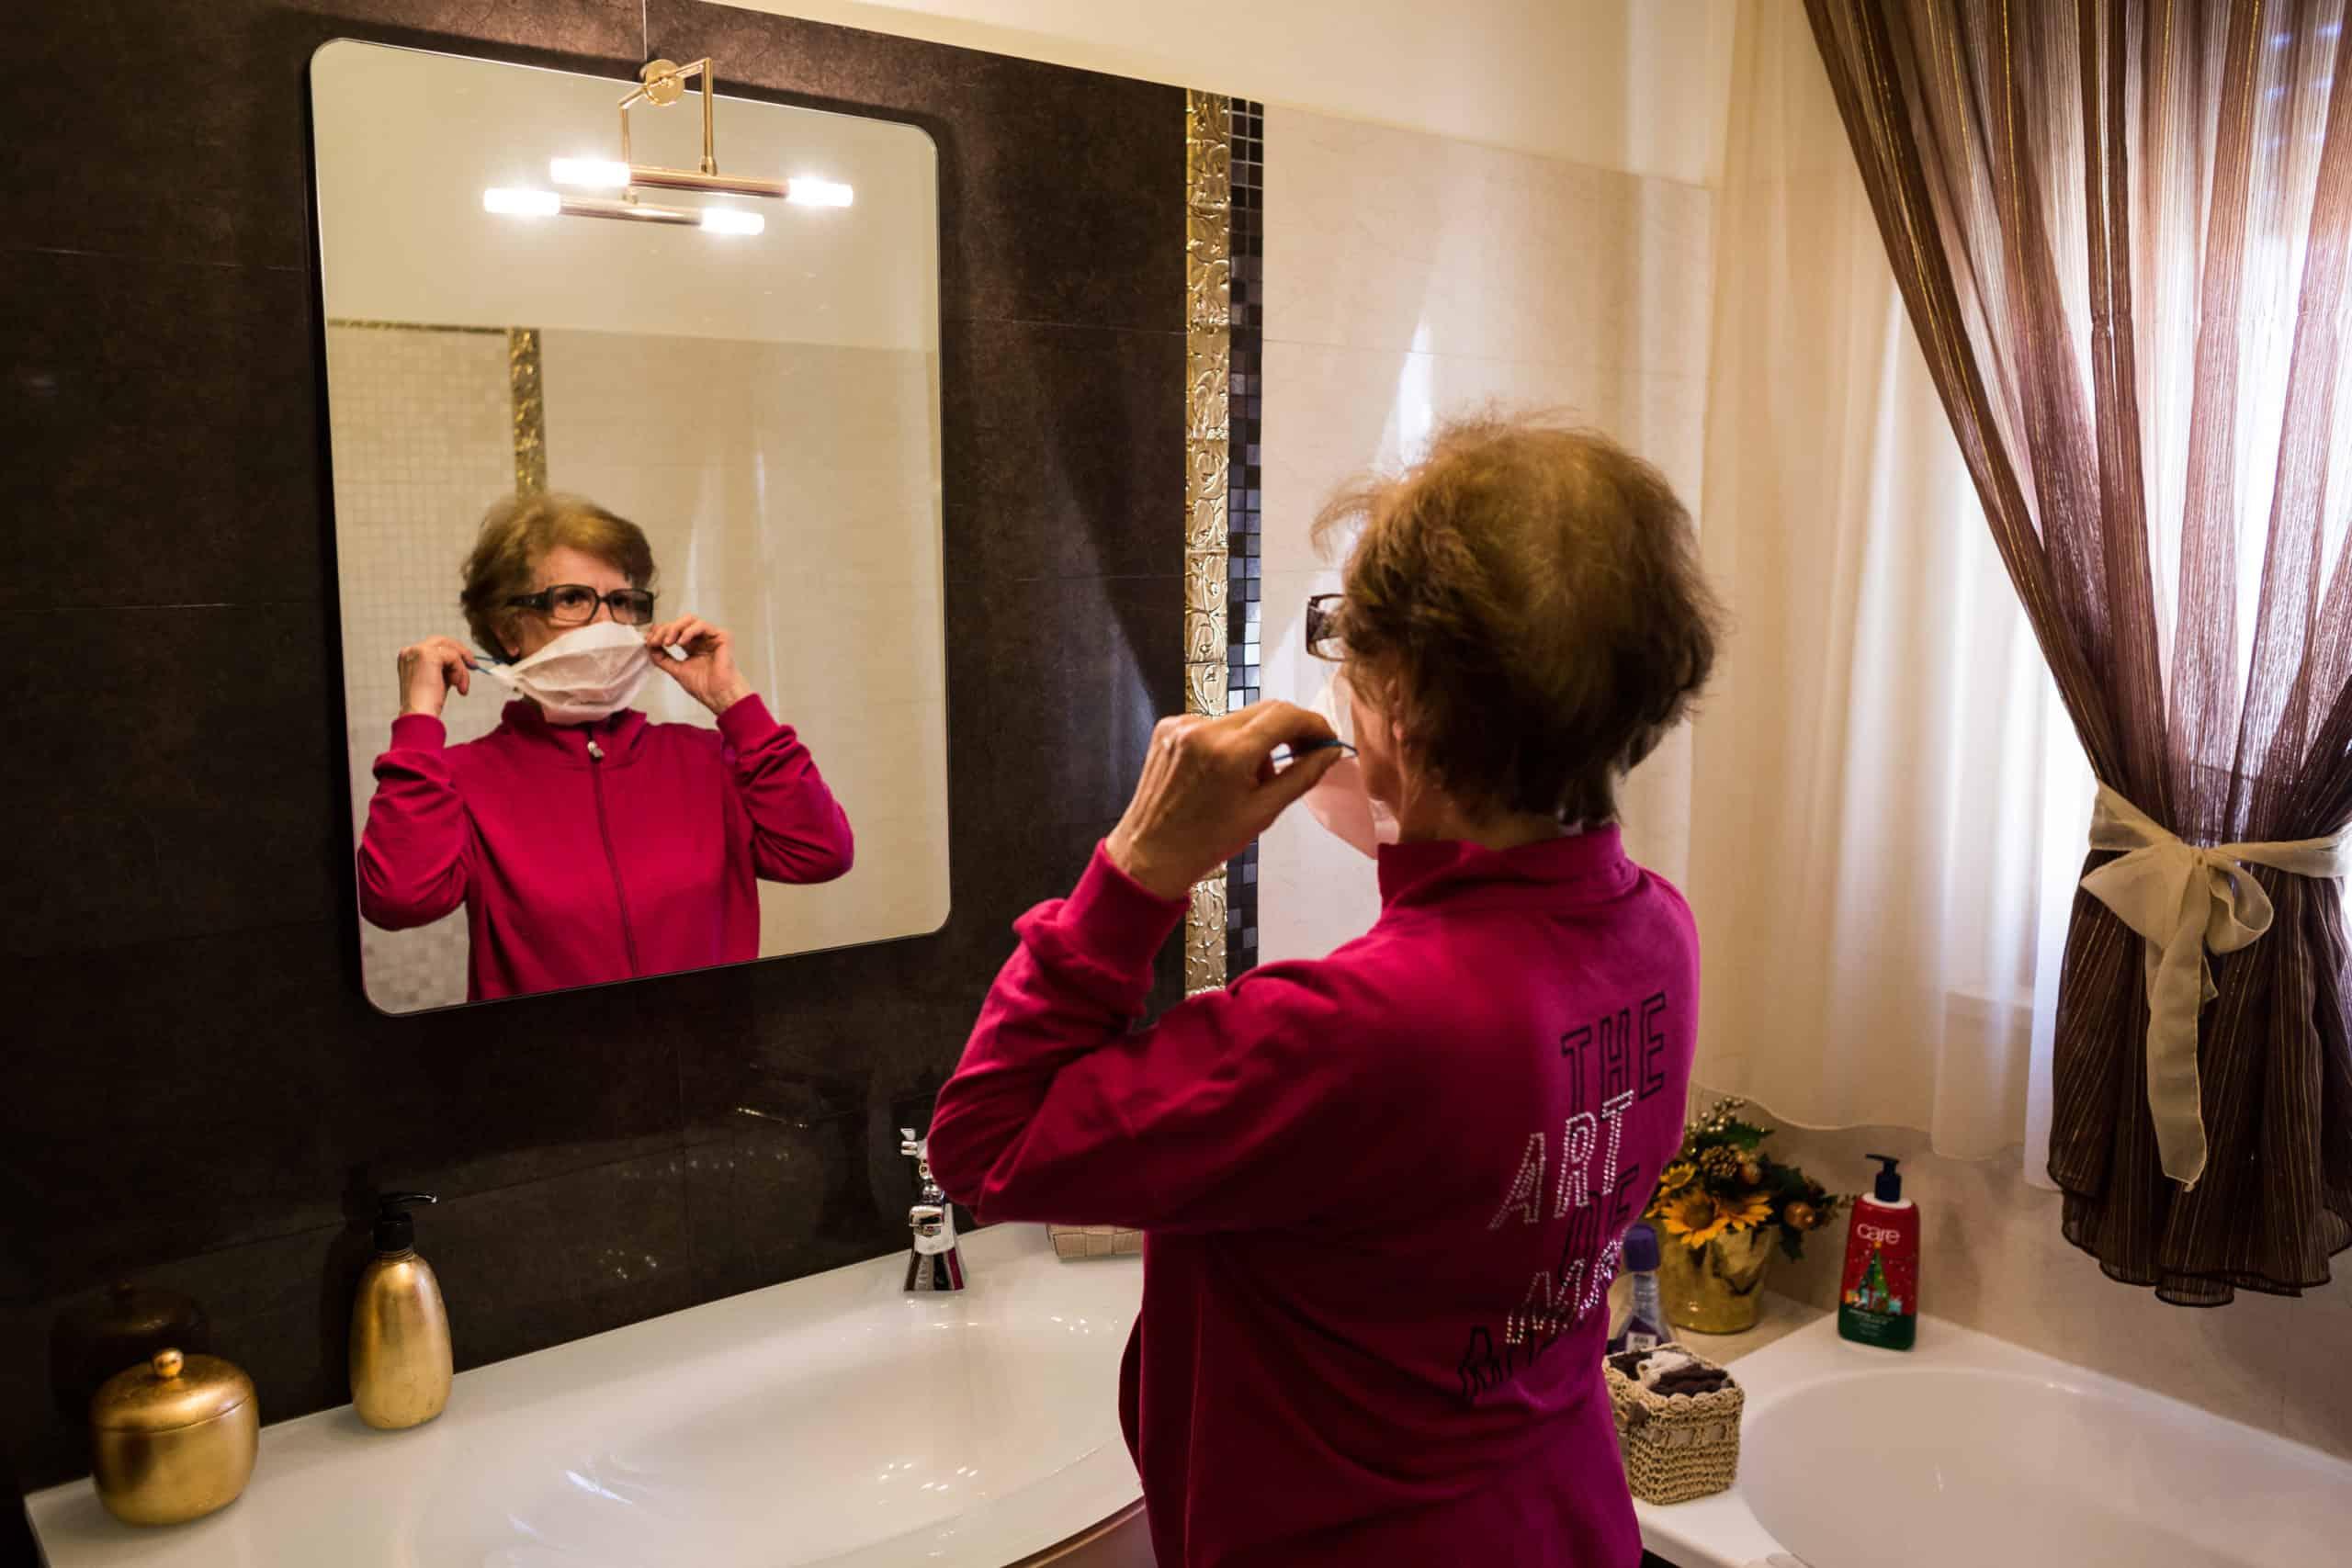 Stefania vor dem Spiegel (© Giacomo Sini)